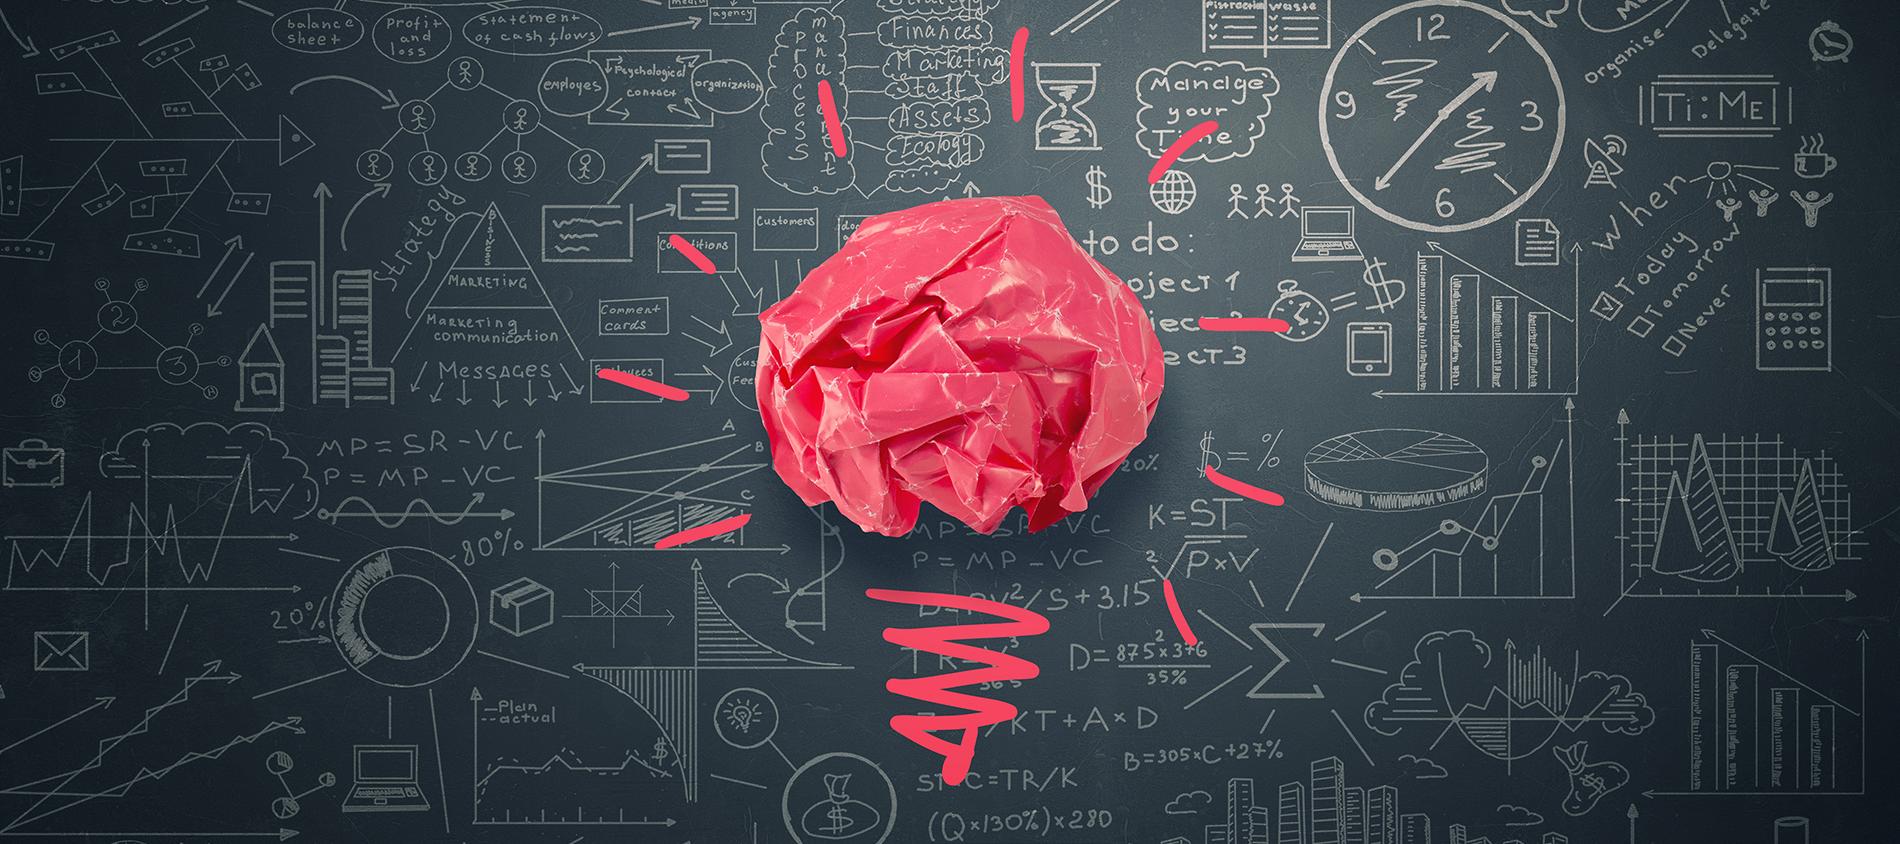 ¿Cómo hacer Inbound Marketing? Adéntrate a su filosofía